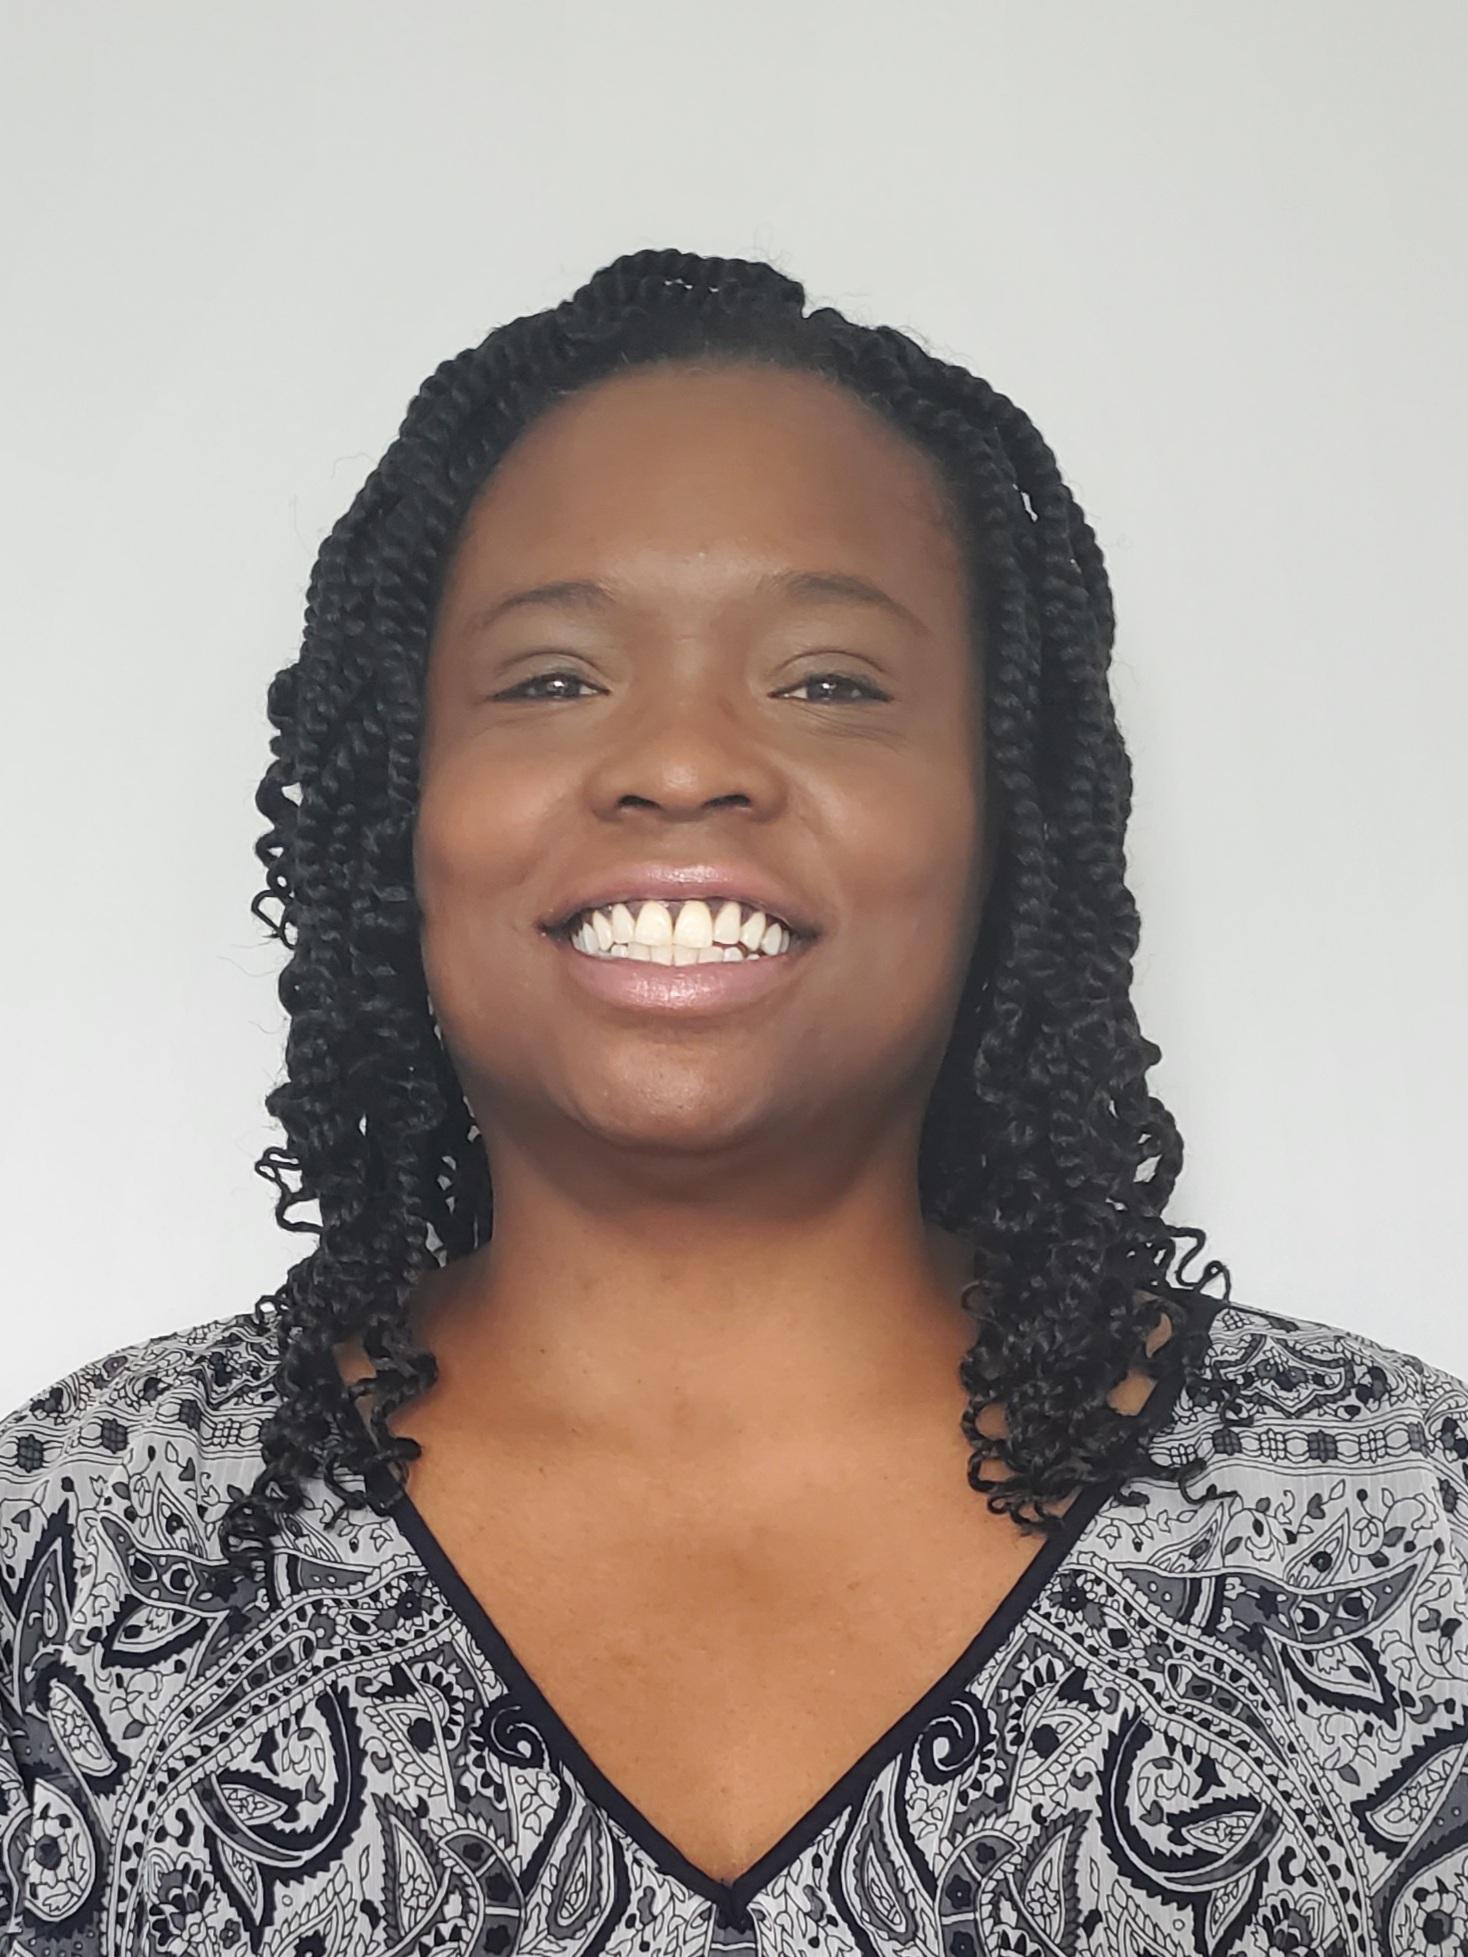 Portrait of Ms. Tyson